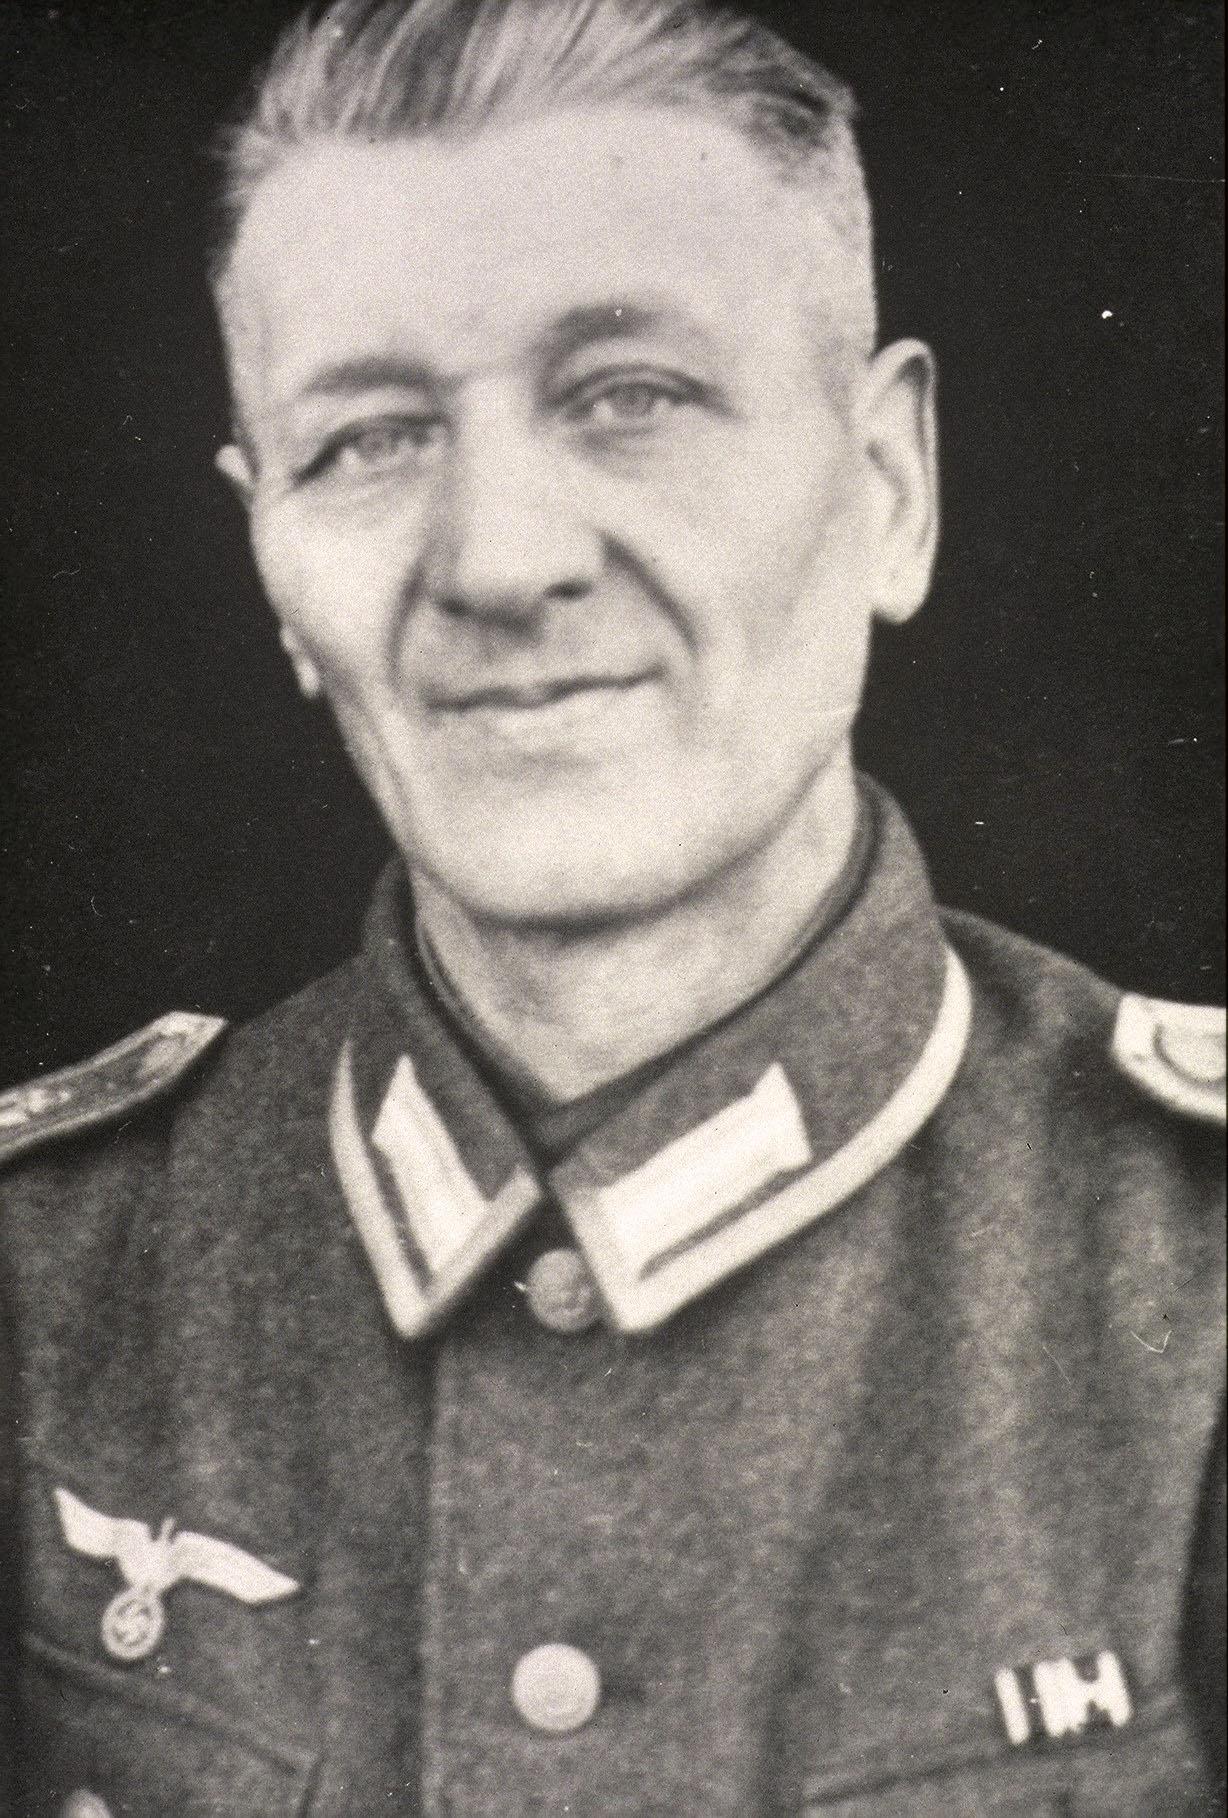 Joh. Schoon als Soldat im 2. Weltkrieg